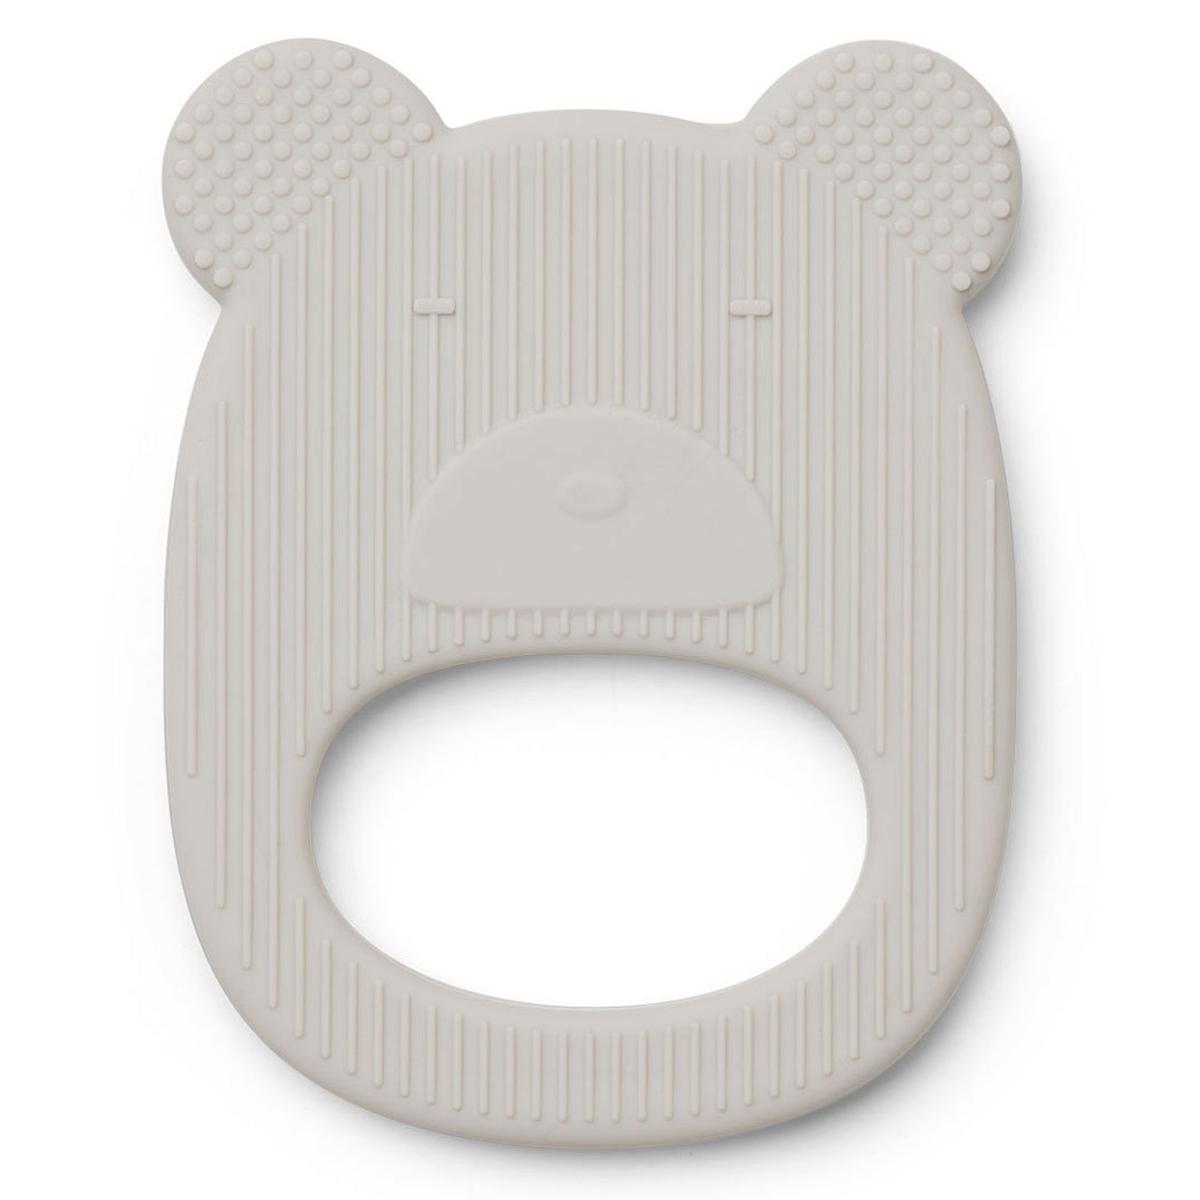 Anneau de dentition Anneau de Dentition Gemma Mr. Bear - Dumbo Grey Anneau de Dentition Gemma Mr. Bear - Dumbo Grey